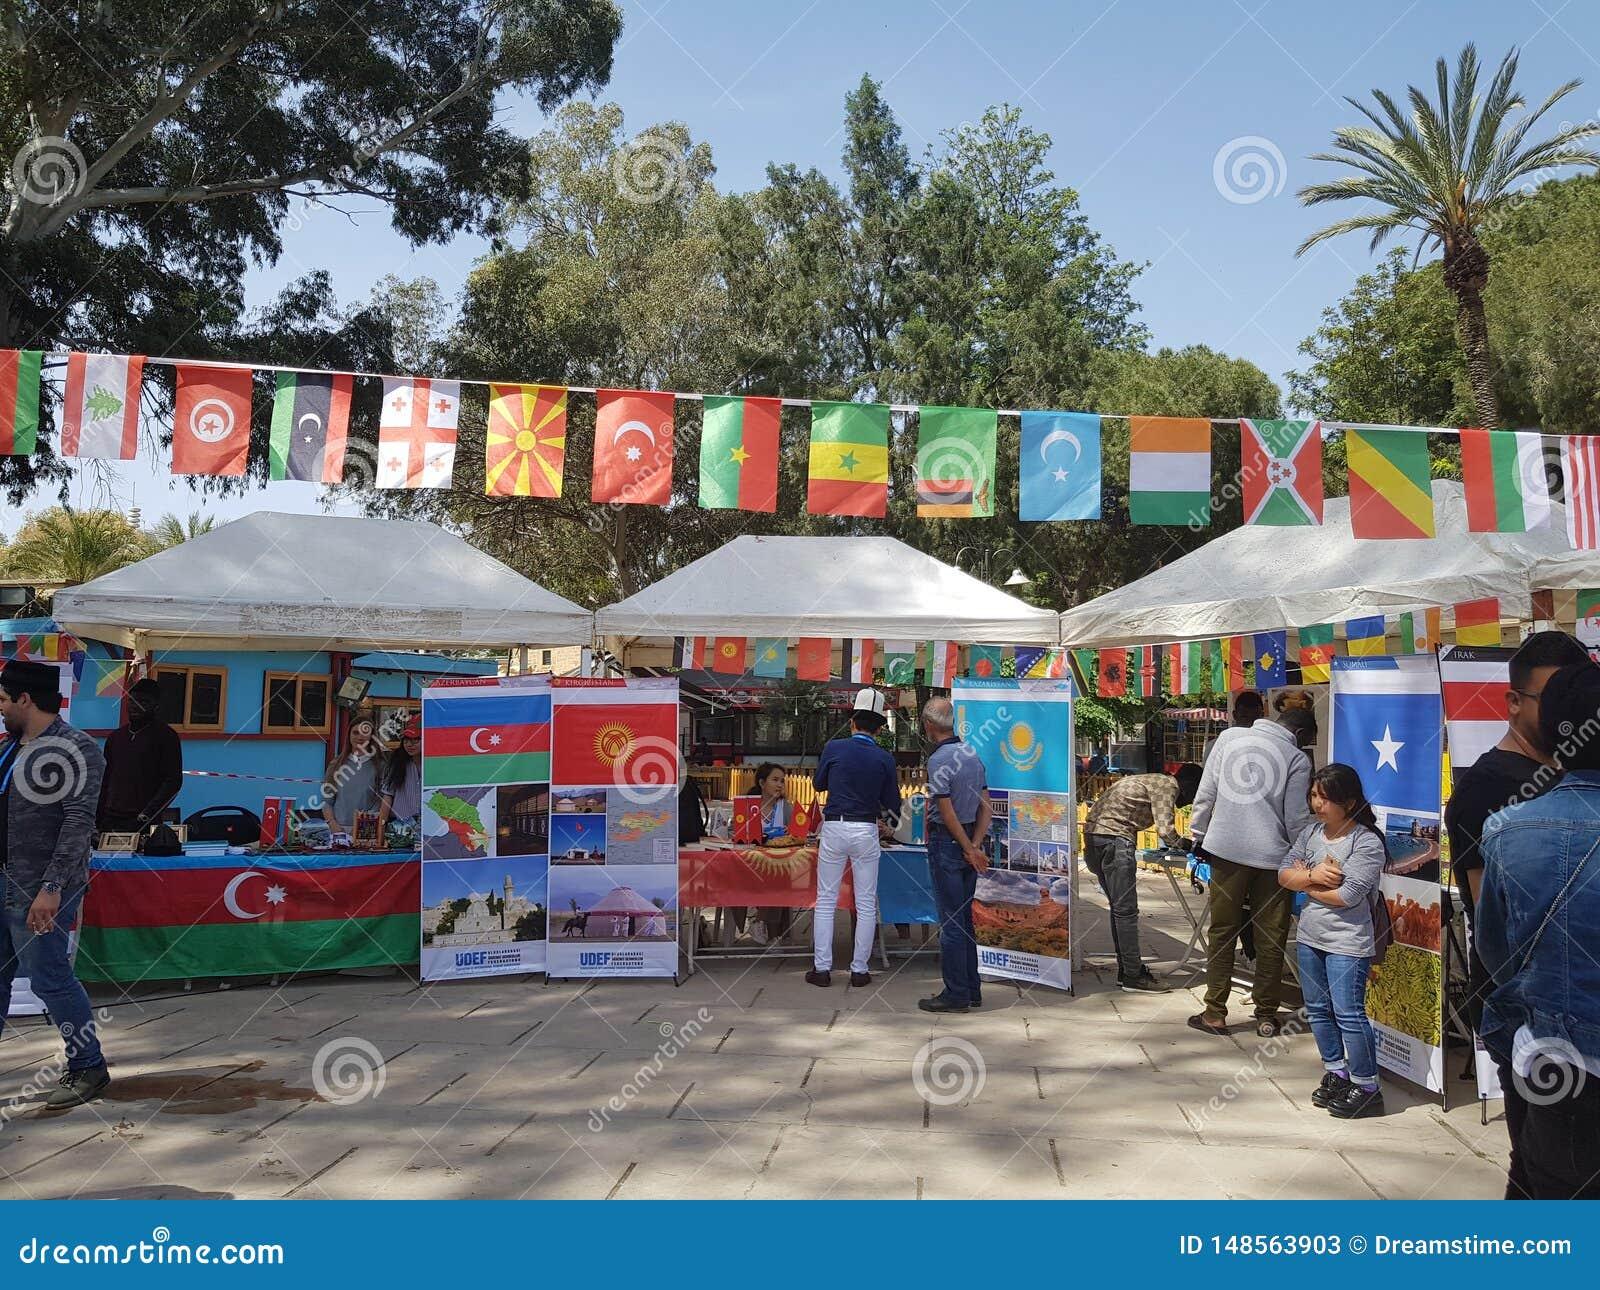 节日,来自世界各地学生 照片显示哈萨克斯坦,吉尔吉斯斯坦,阿塞拜疆国家